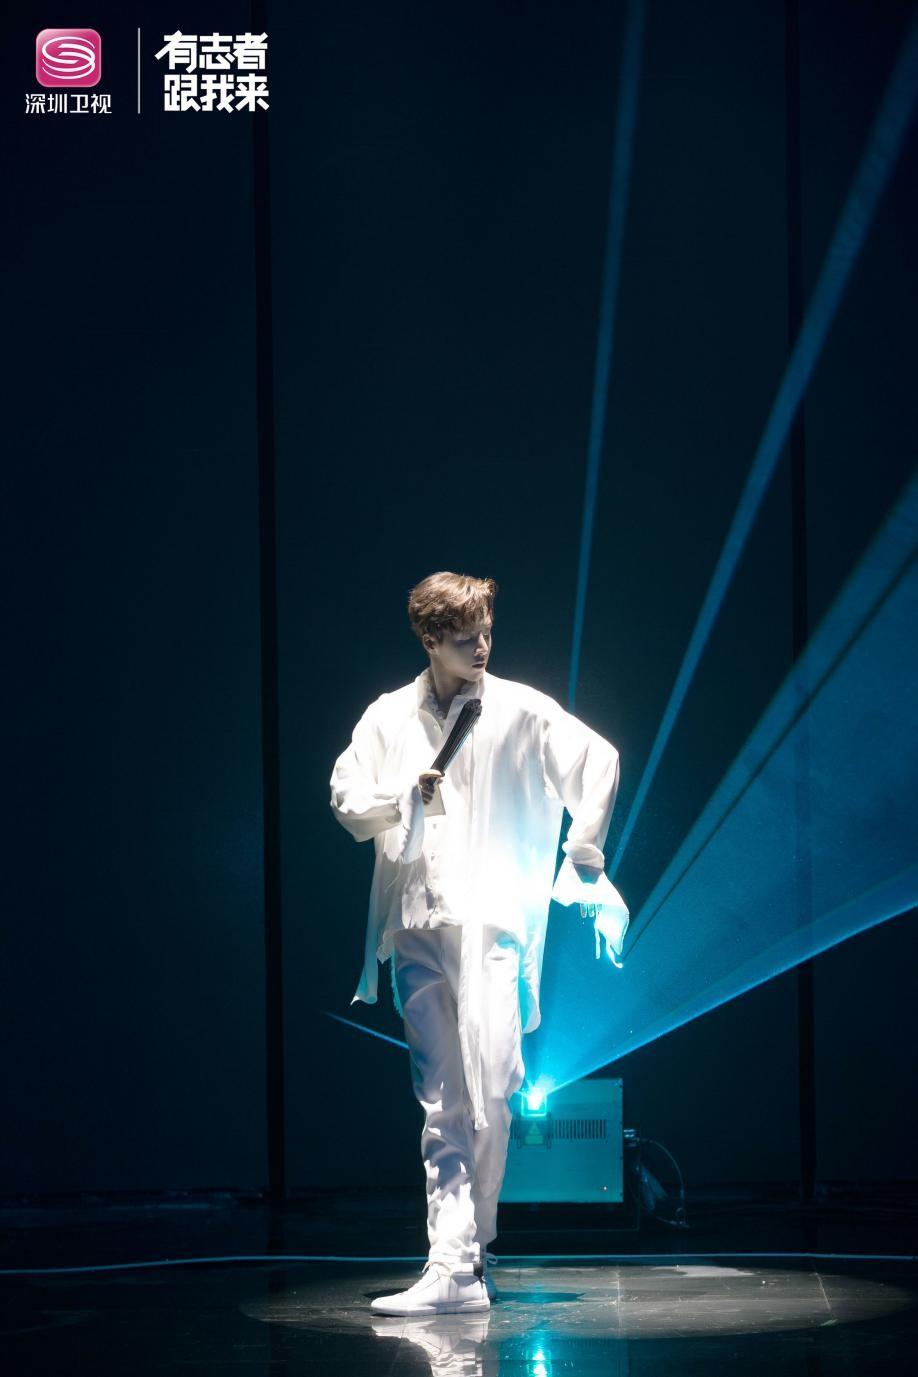 诗意少年林超泽表演纸扇舞蹈.jpg